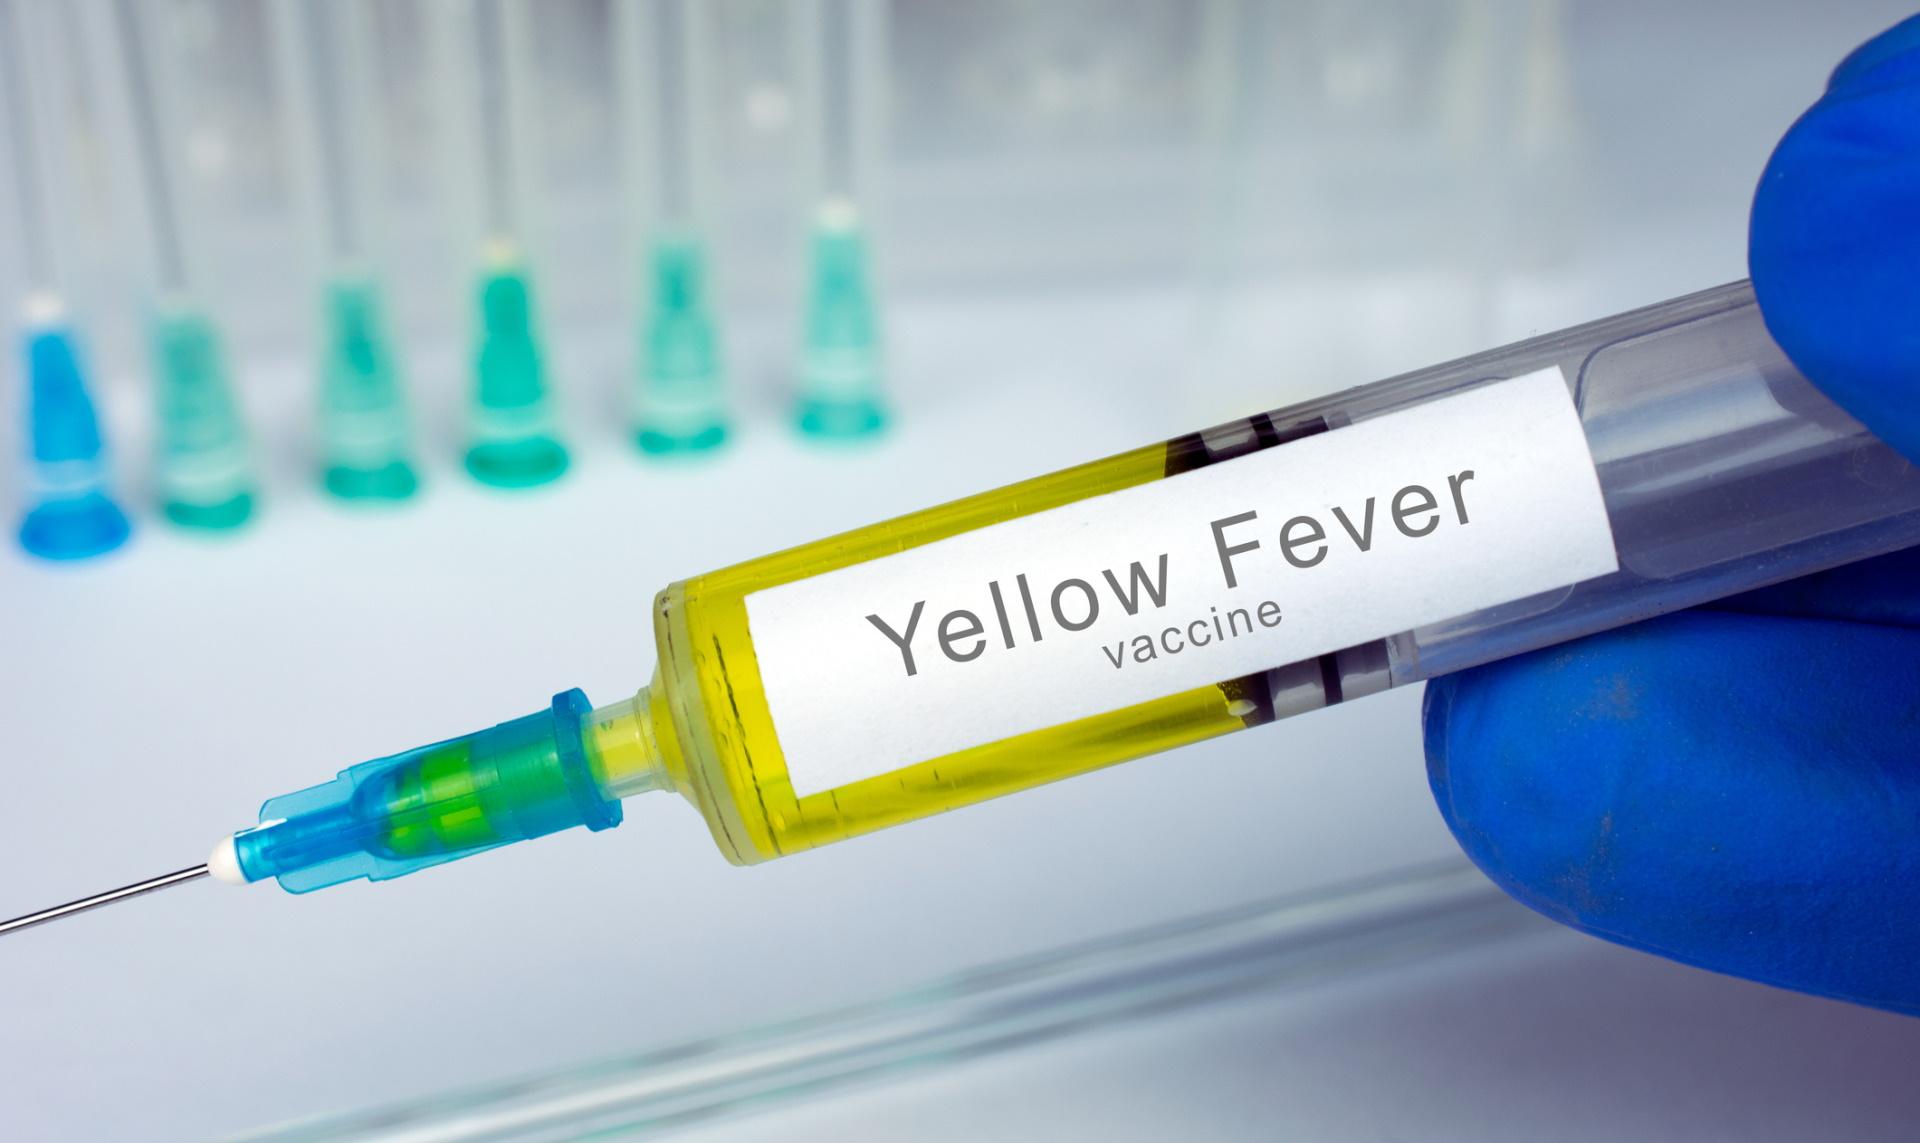 <p><strong>Самозаразяване с жълта треска</strong></p>  <p>&quot;Мисля, че съм по следите на истинския причинител&quot;, пише на 8 септември 1900 г. американският медик Джеси Лейзиър в писмо до жена си. Лейзиър изследвал маларията и жълтата треска, доказвайки, че те се пренасят от комари. След като се самозаразил със смъртоносната болест, Лейзиър починал едва 34-годишен - 17 дни, след като написал въпросното писмо до жена си.</p>